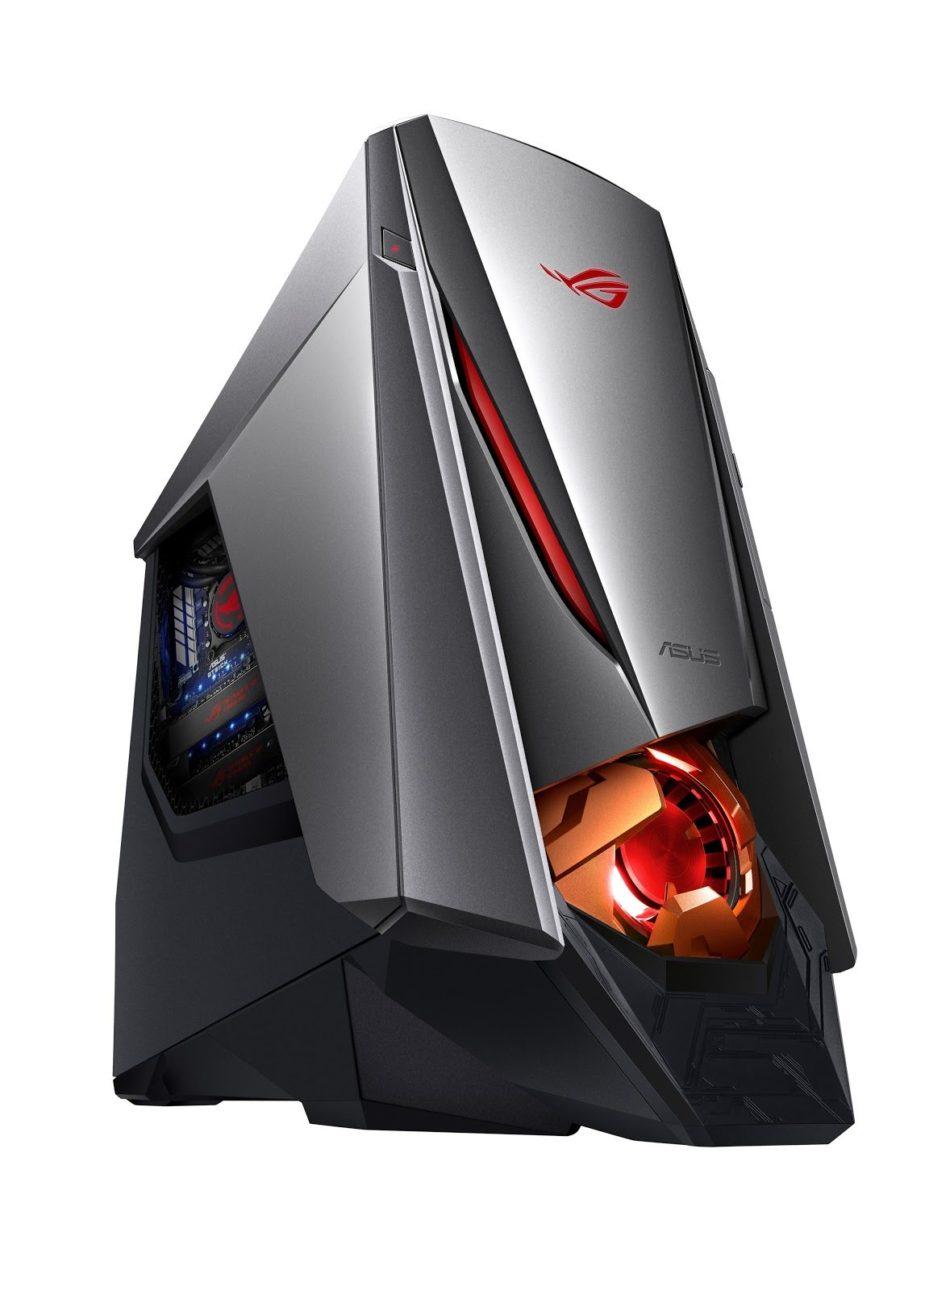 ASUS ROG presenta el nuevo GT51CH equipado con procesador i7 de 7ª generación